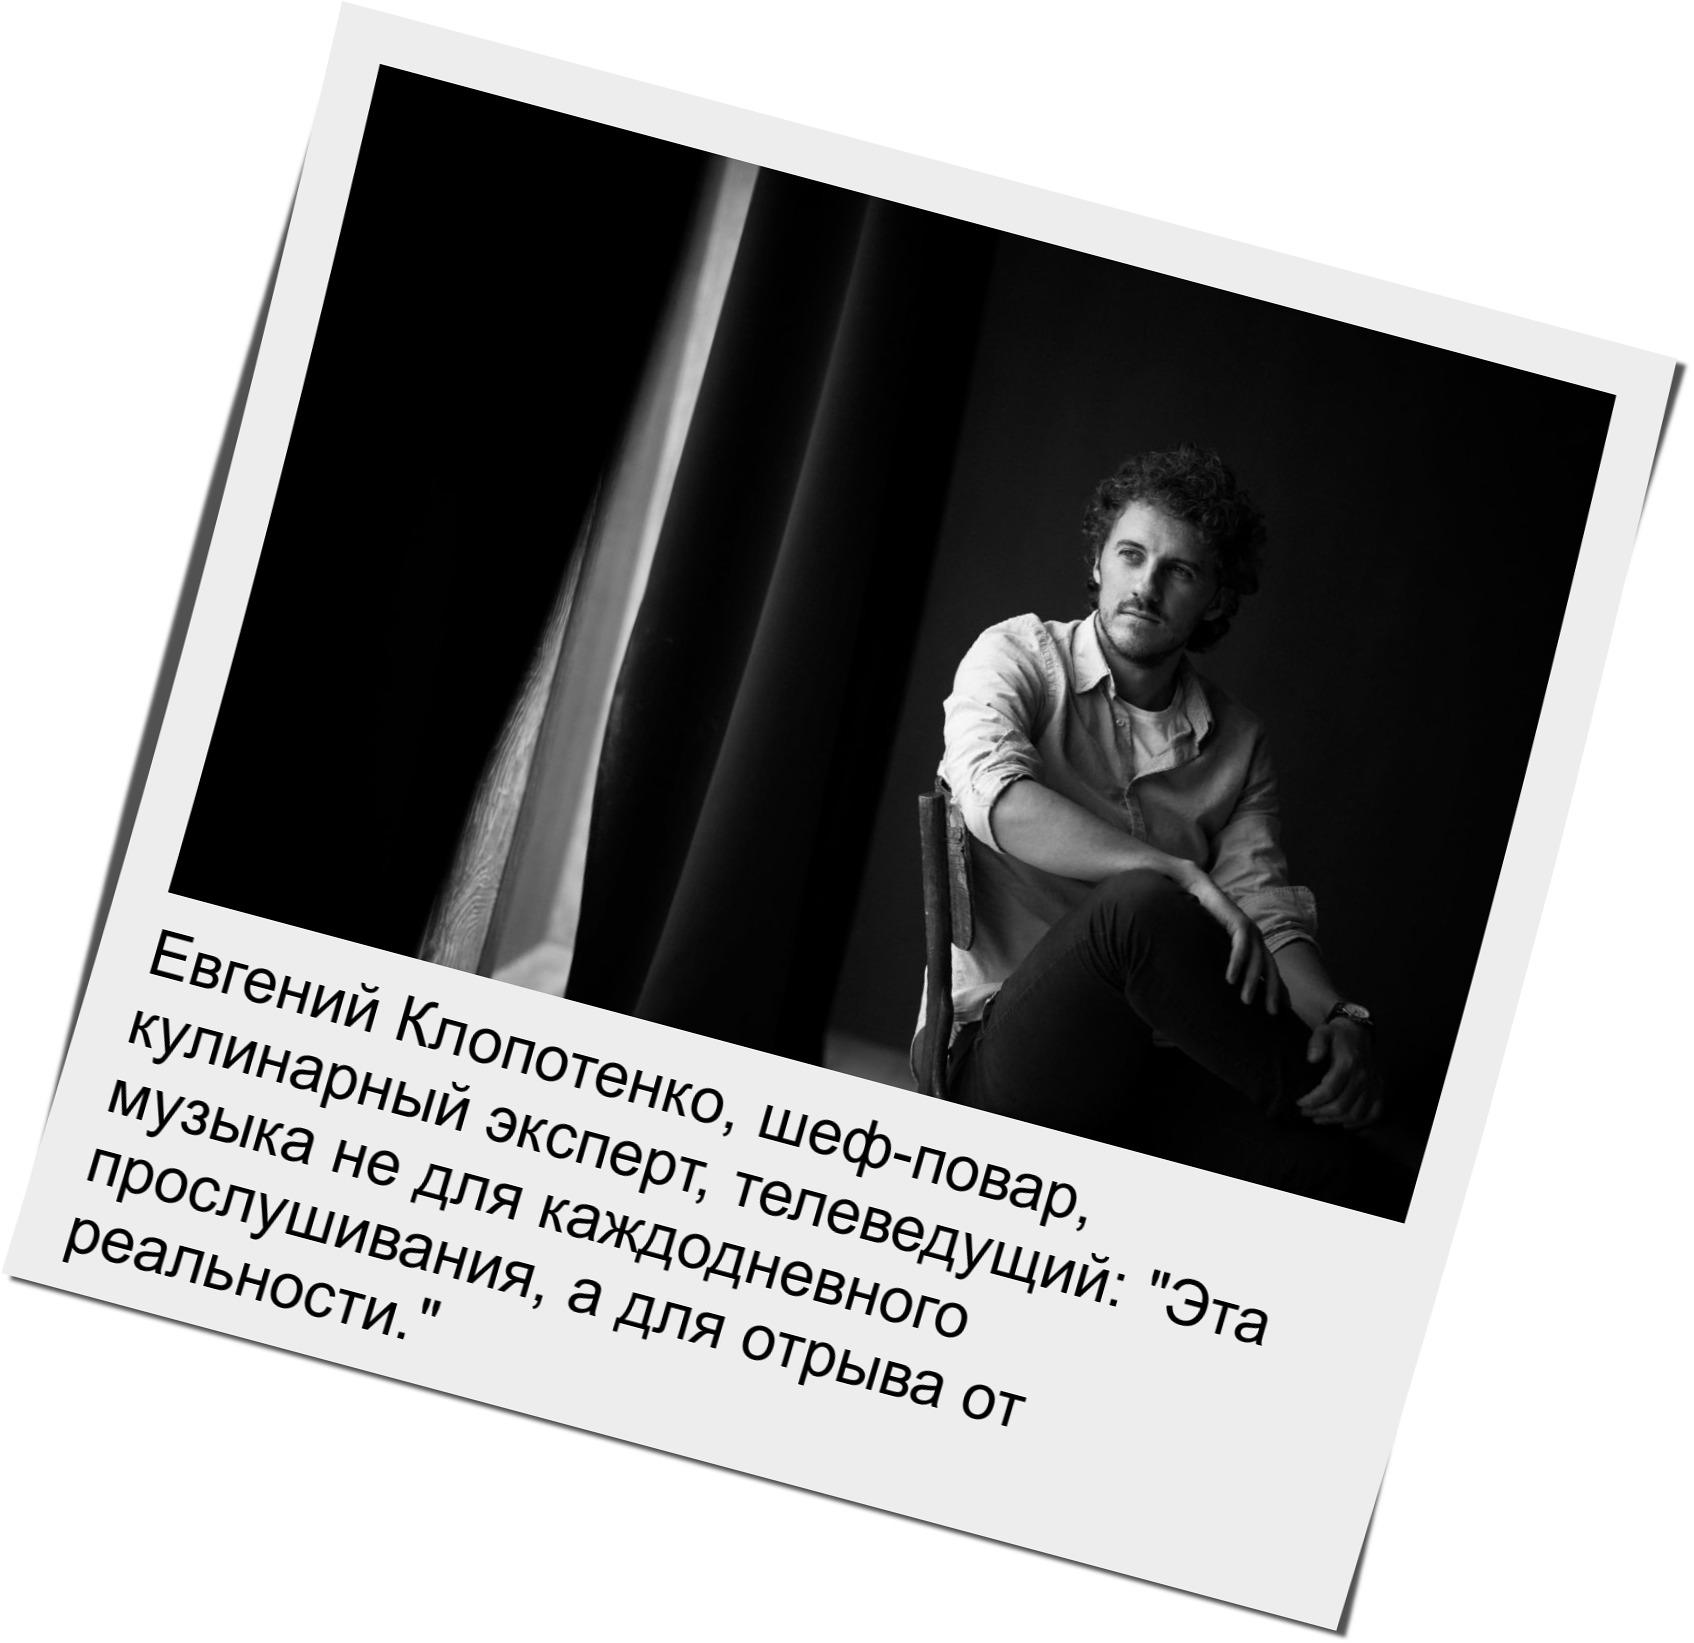 imgonline-com-ua-polaroid-photoiz7FegIJENoy